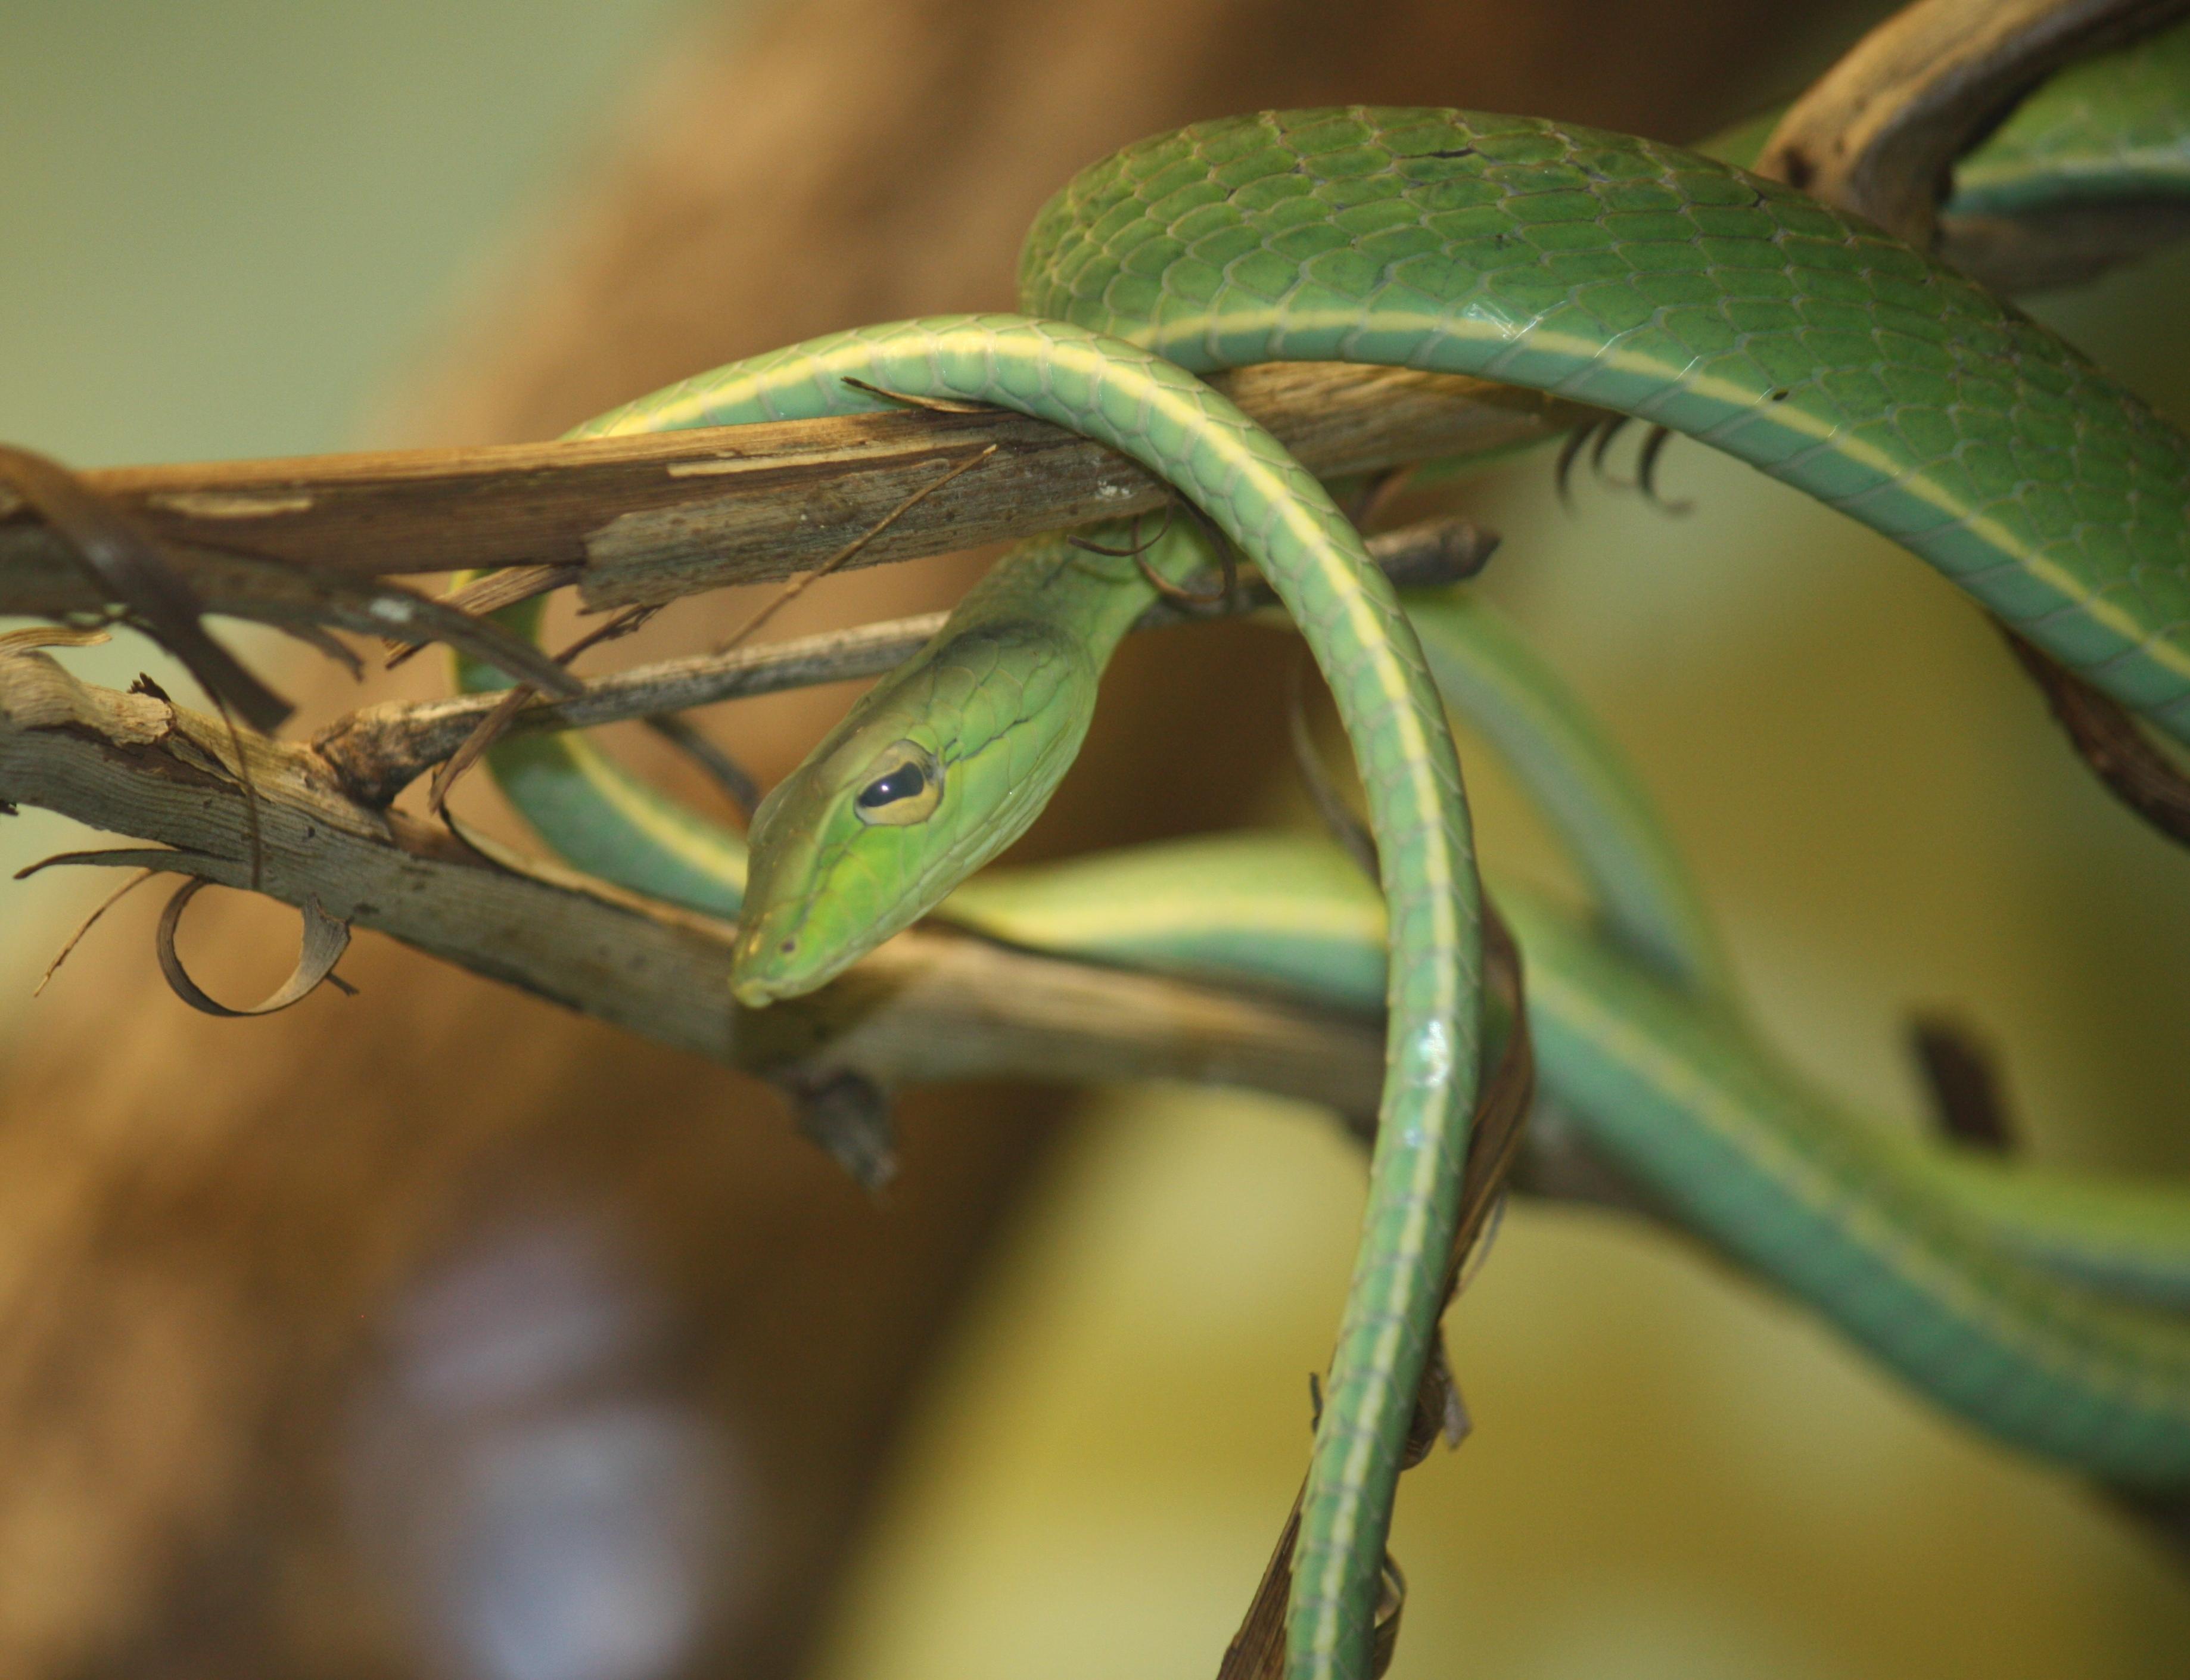 Image of Asian Vine Snake